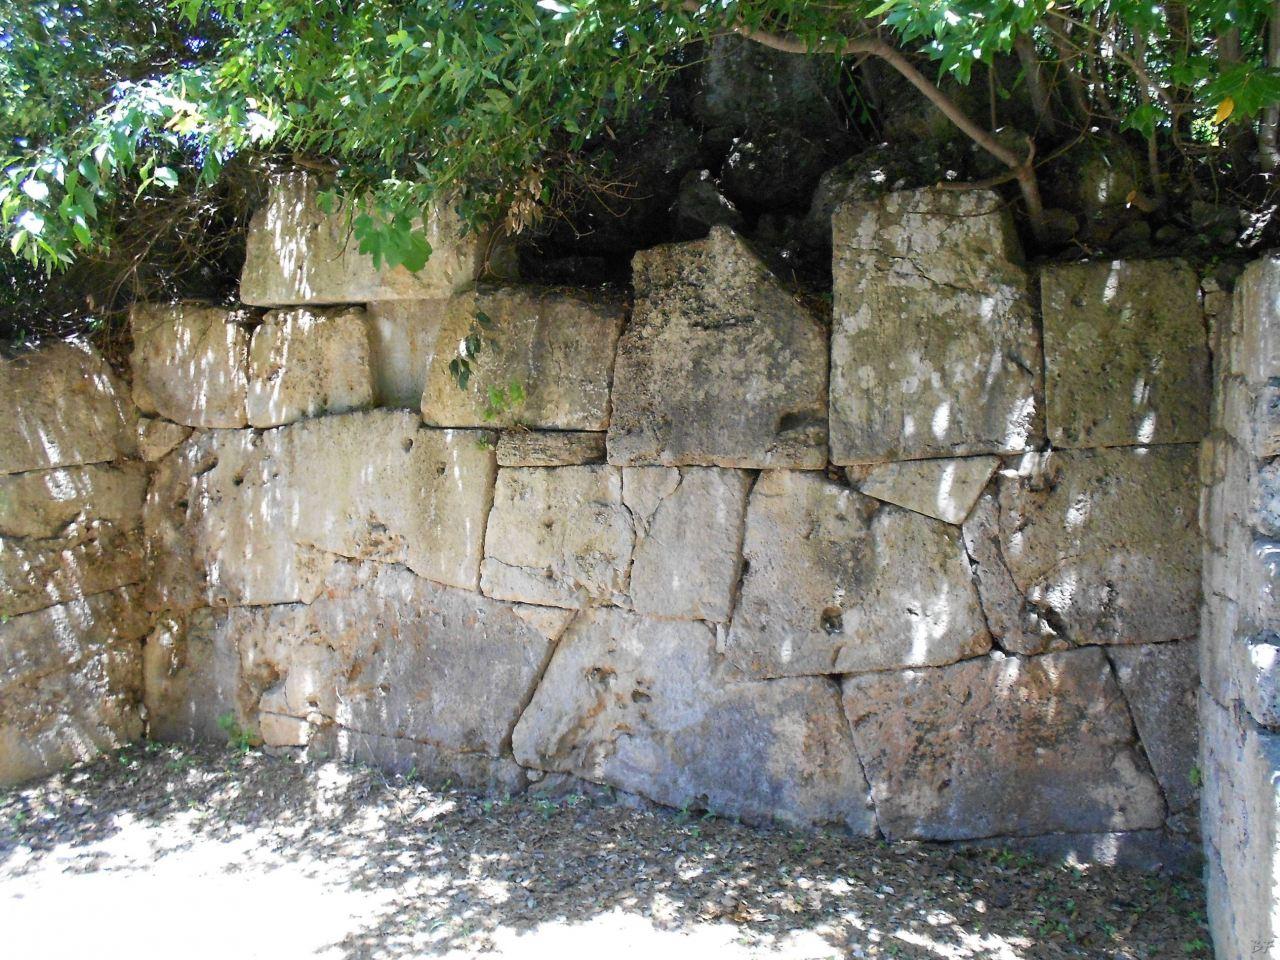 Cosa-Mura-Megalitiche-Ansedonia-Grosseto-Toscana-Italia-19